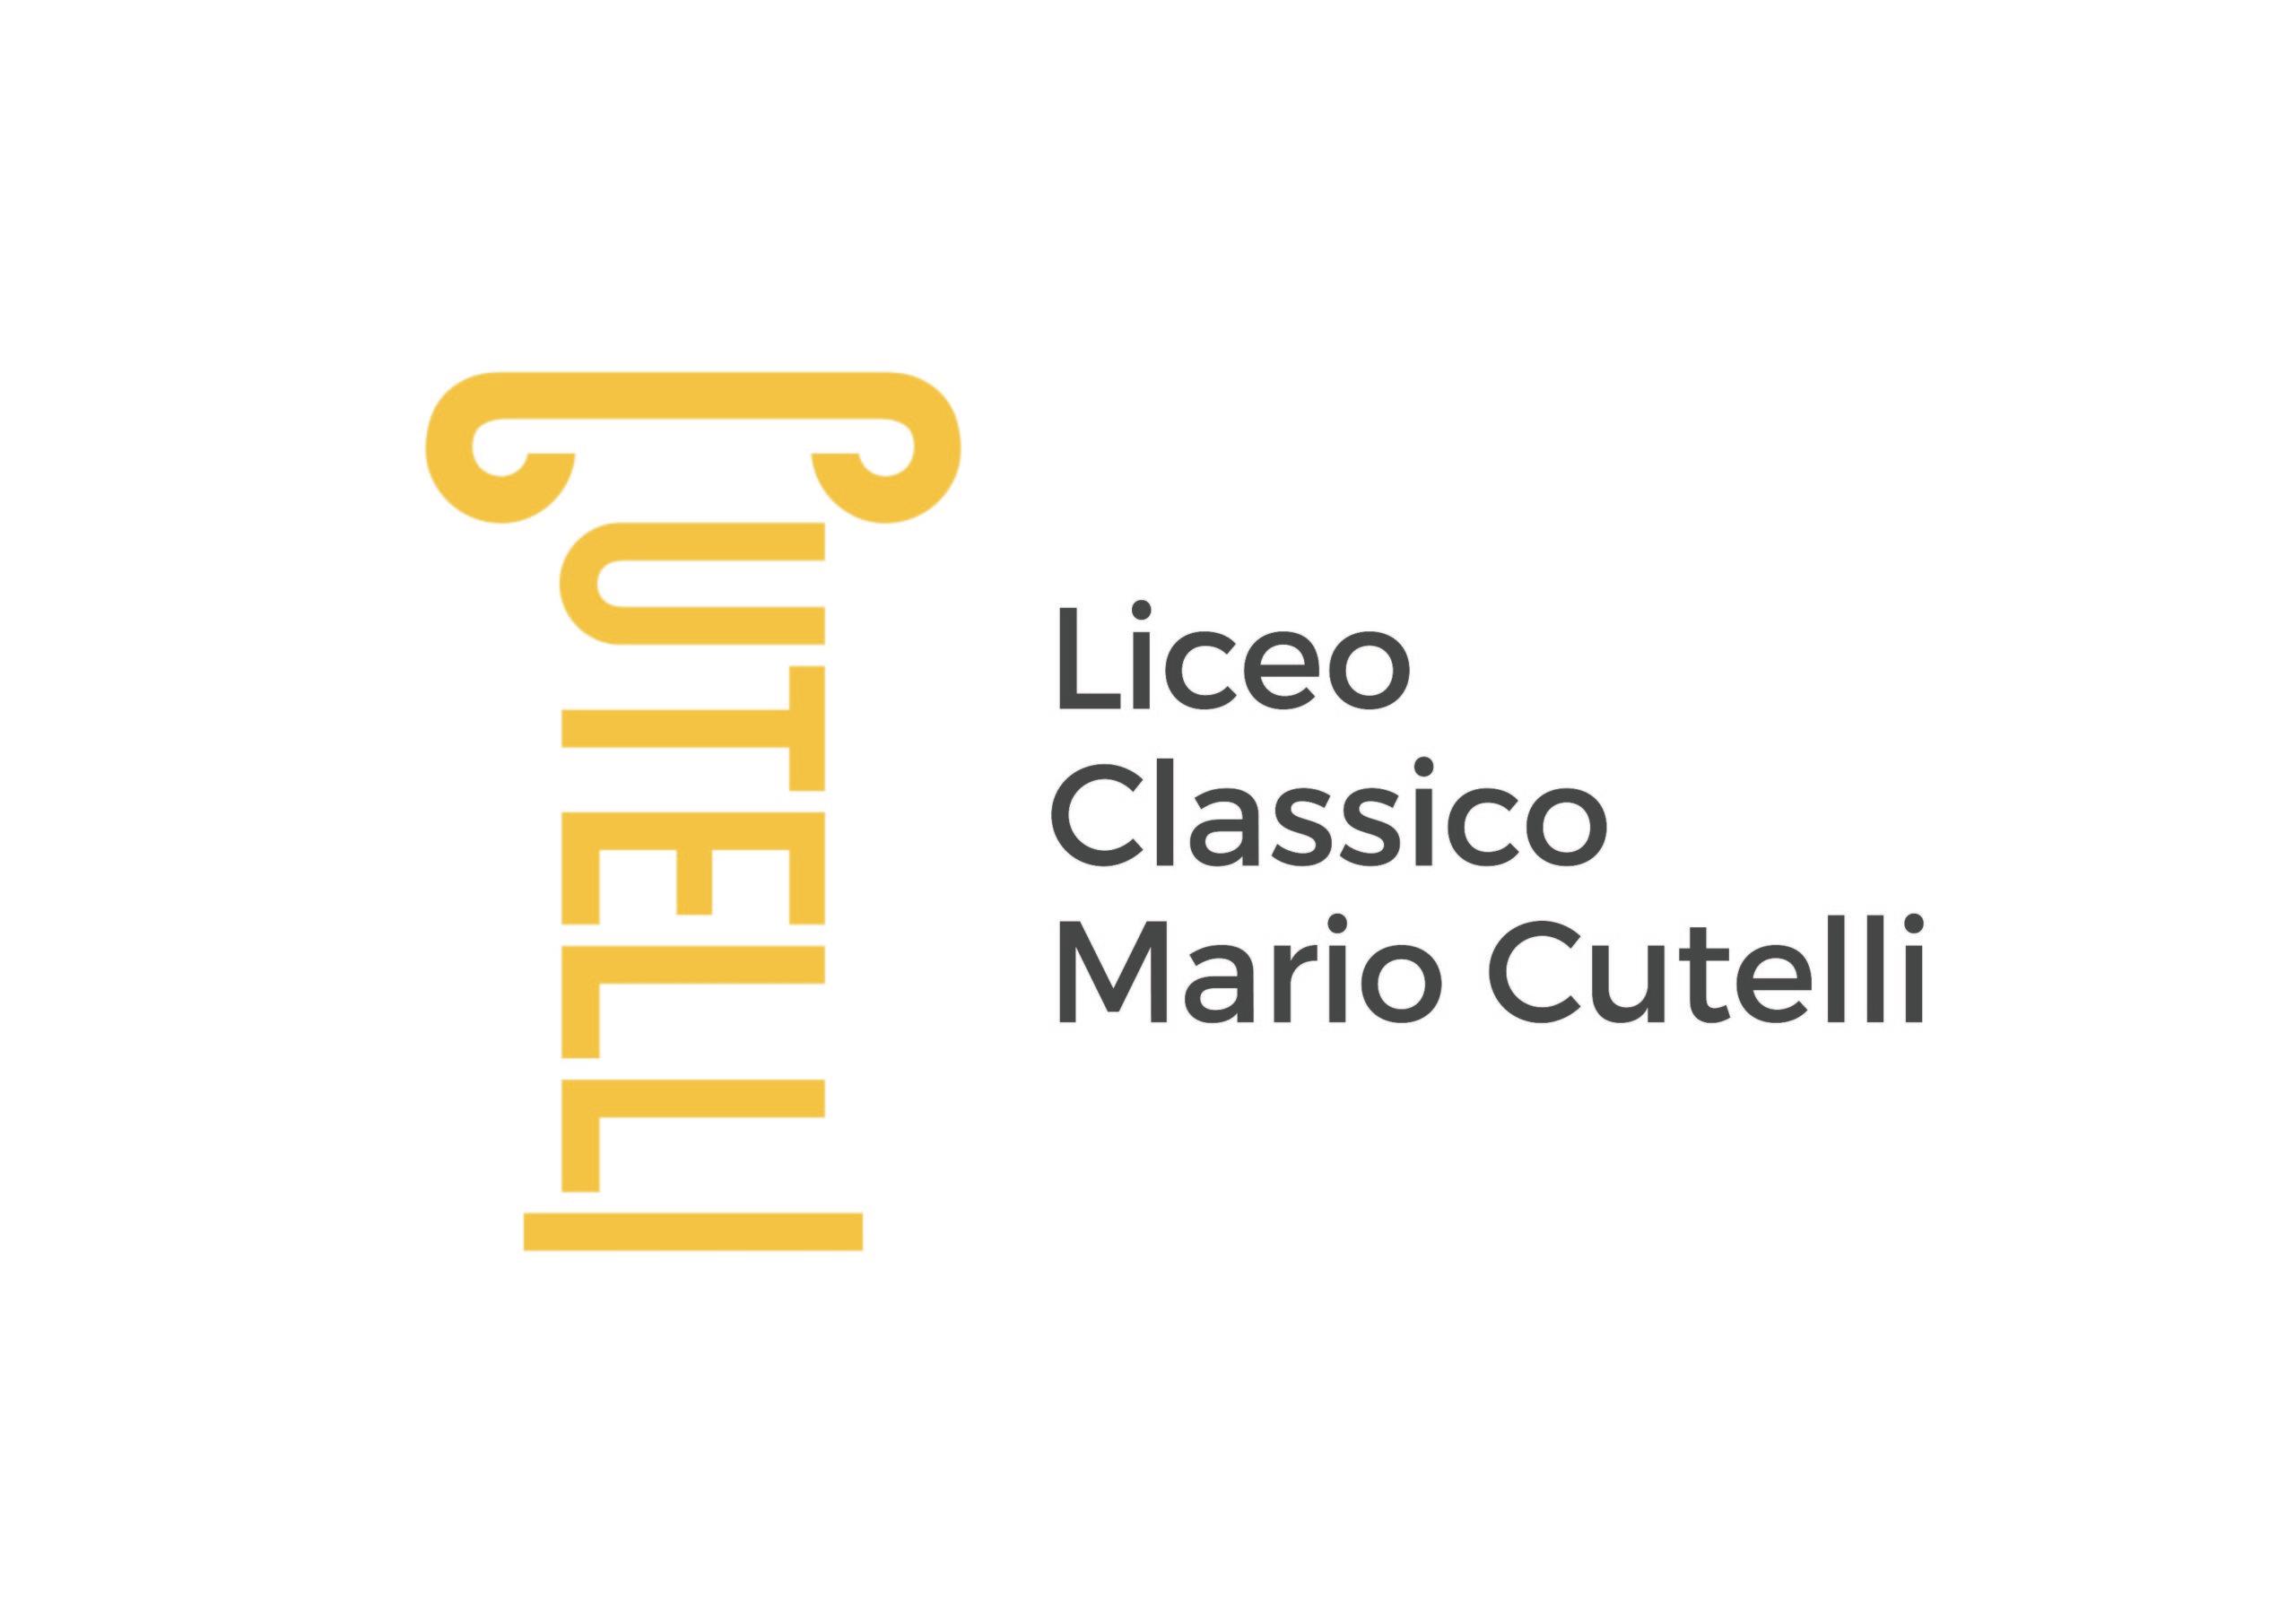 Liceo Classico Mario Cutelli - Catania